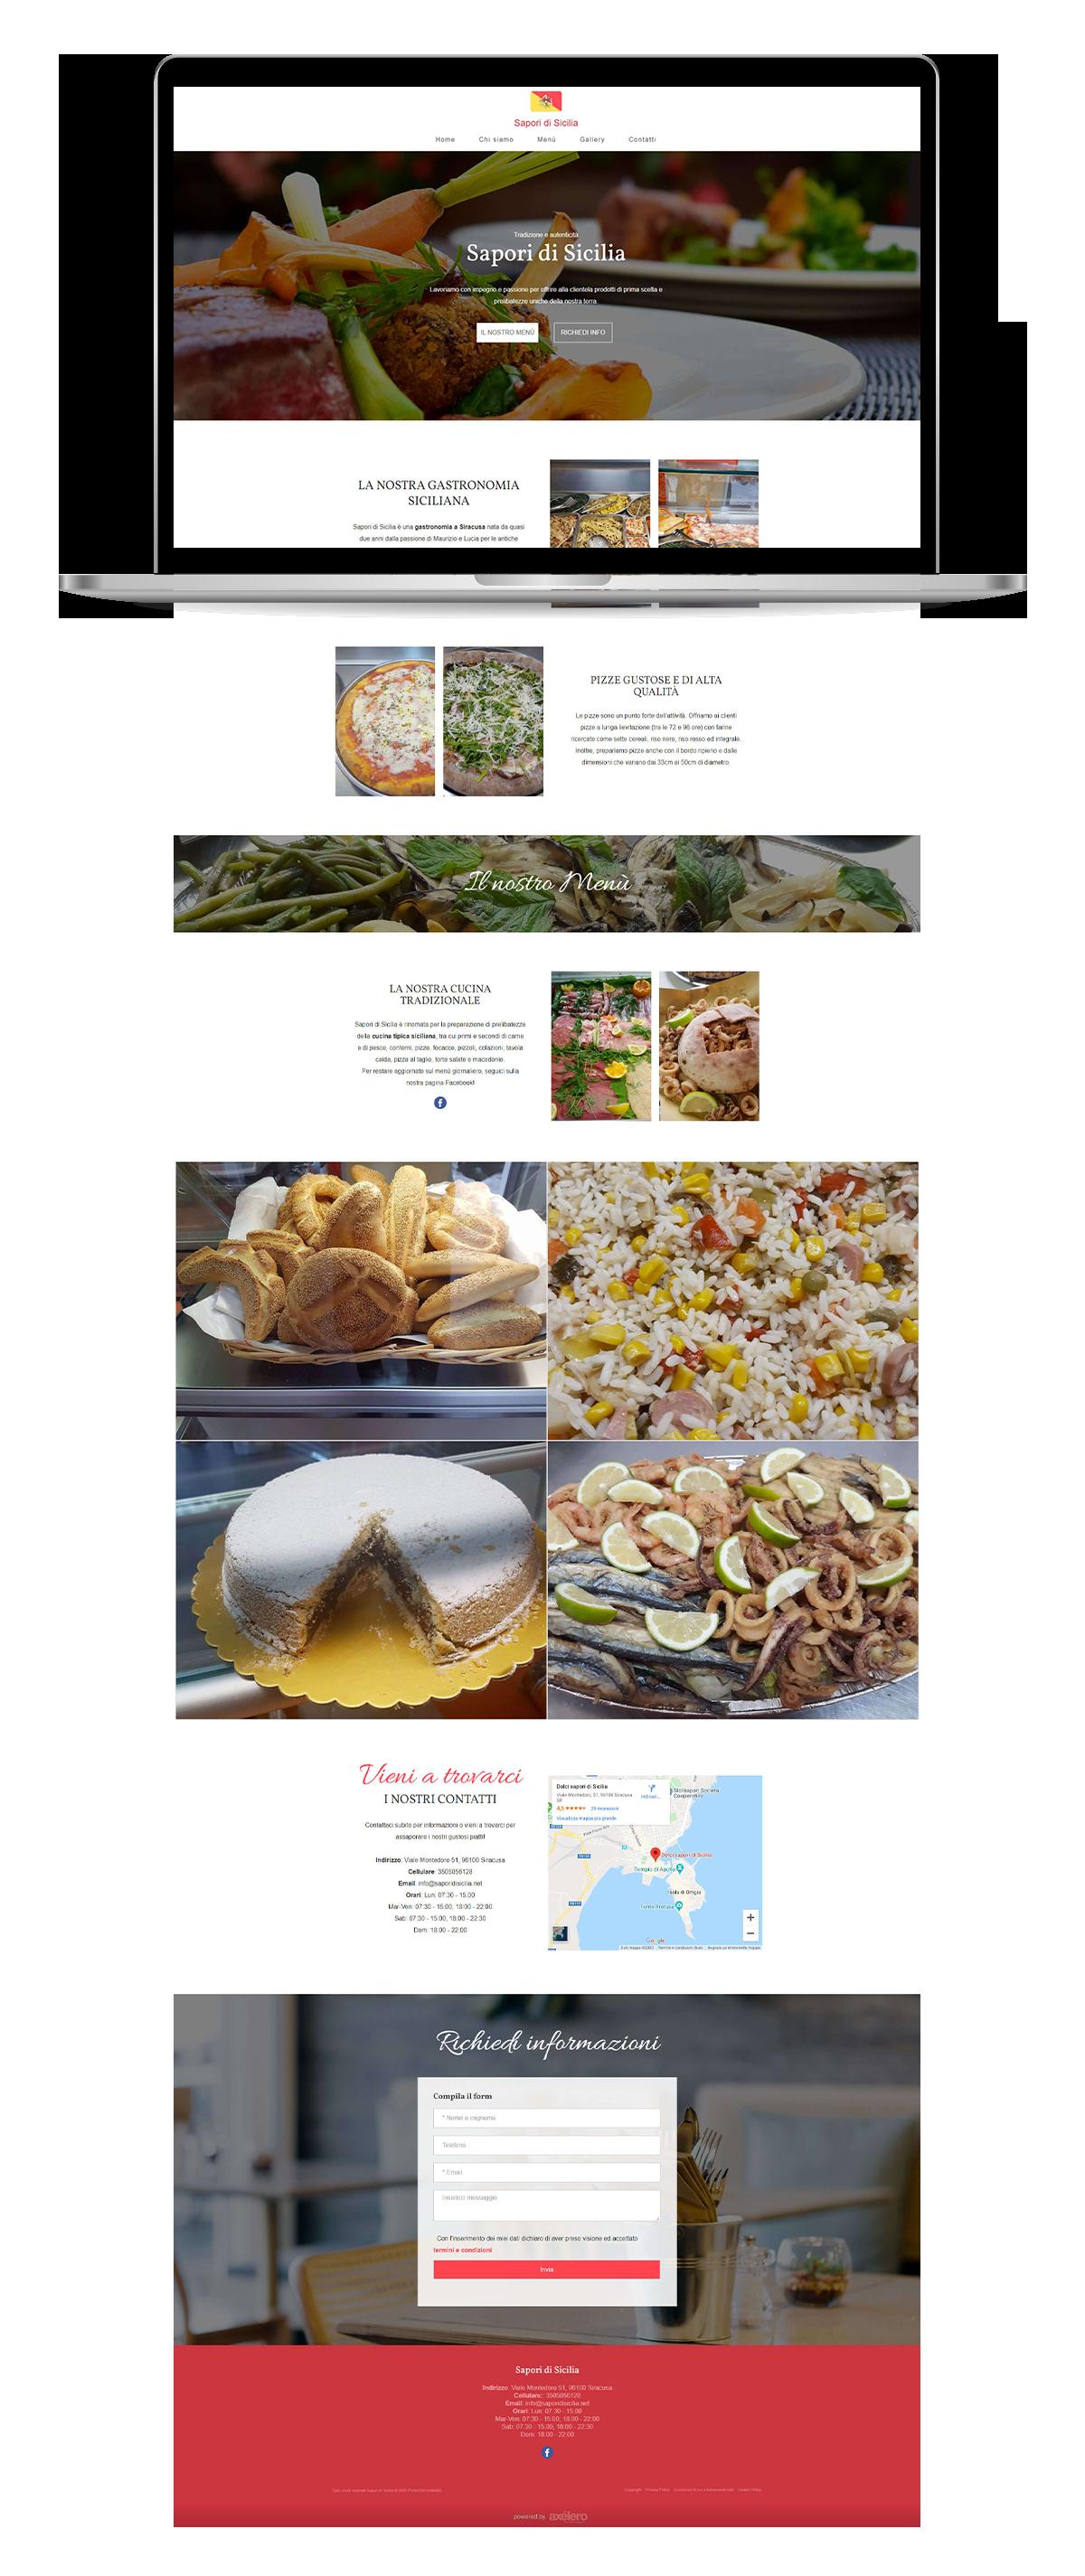 screenshot-sito-gastronomia-sicilia